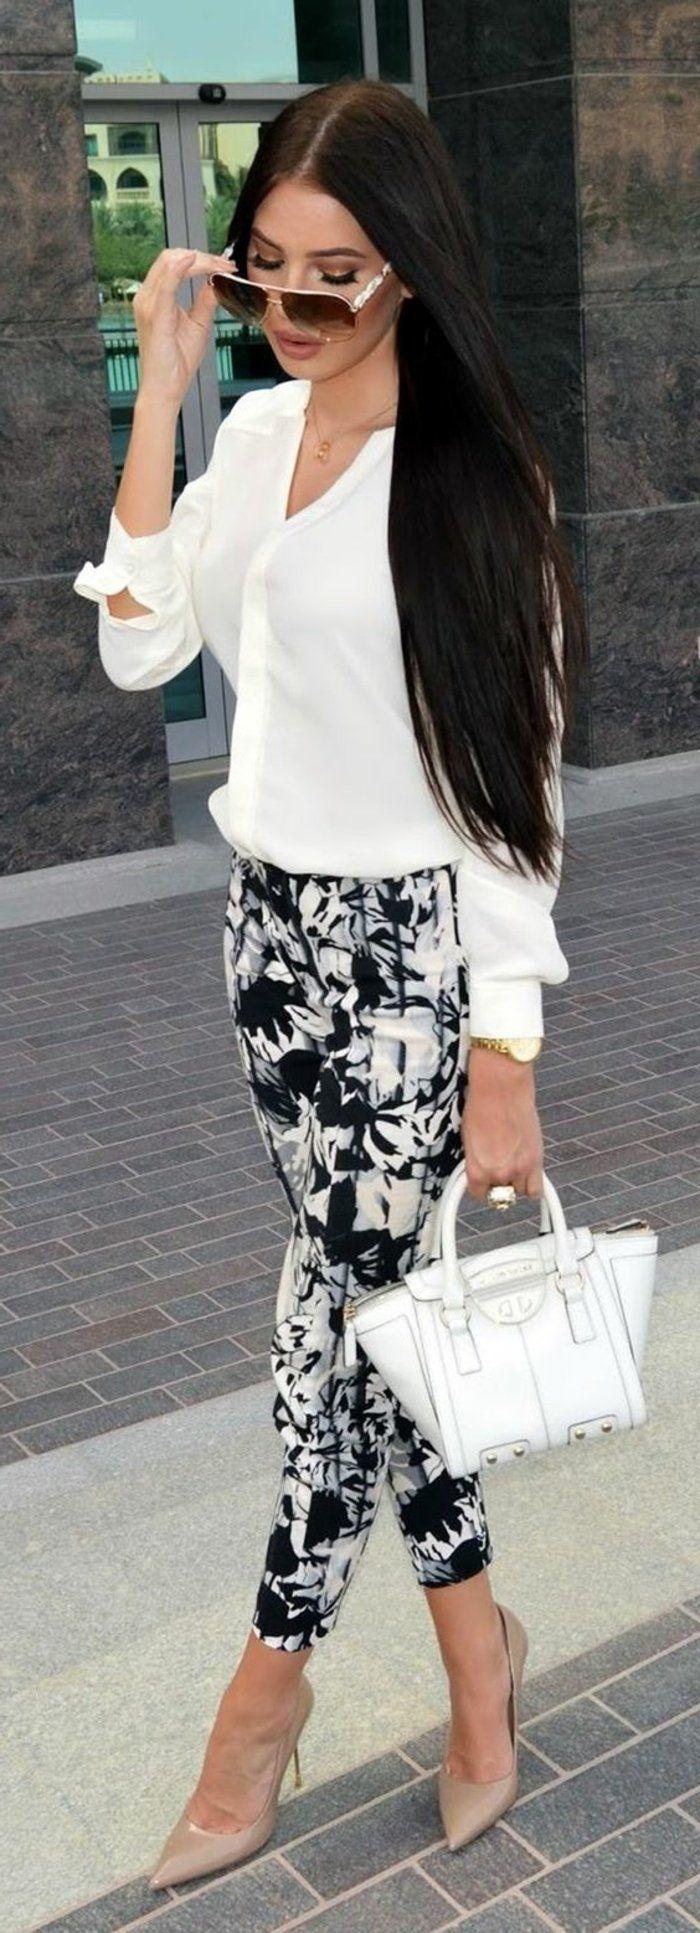 tenue-chic-détail-choc-en-noir-et-blanc-avec-blouse-et-pantalon